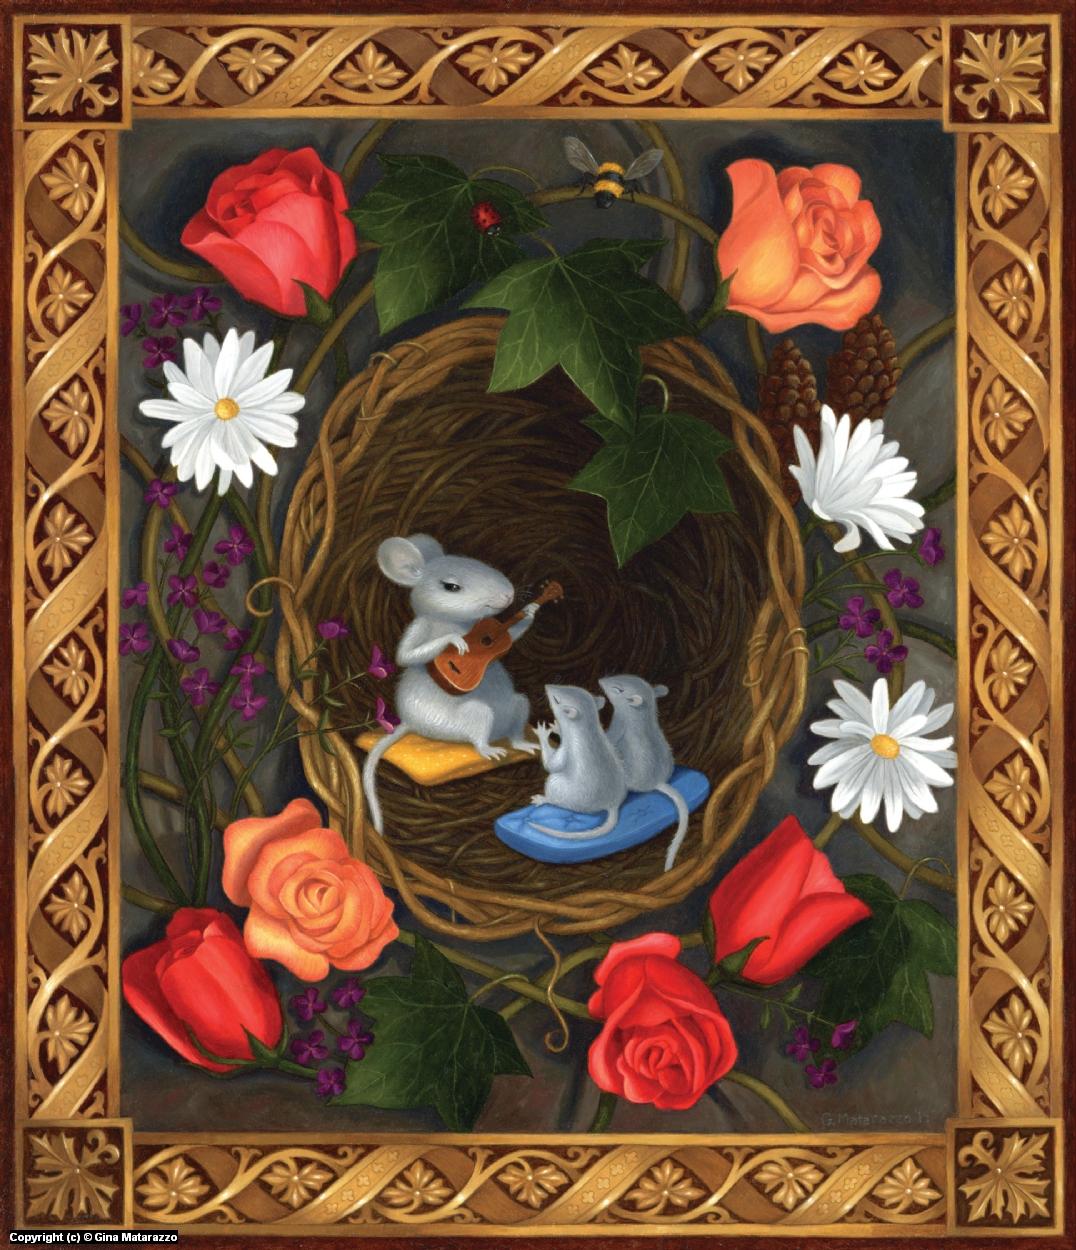 The Nest Artwork by Gina Matarazzo